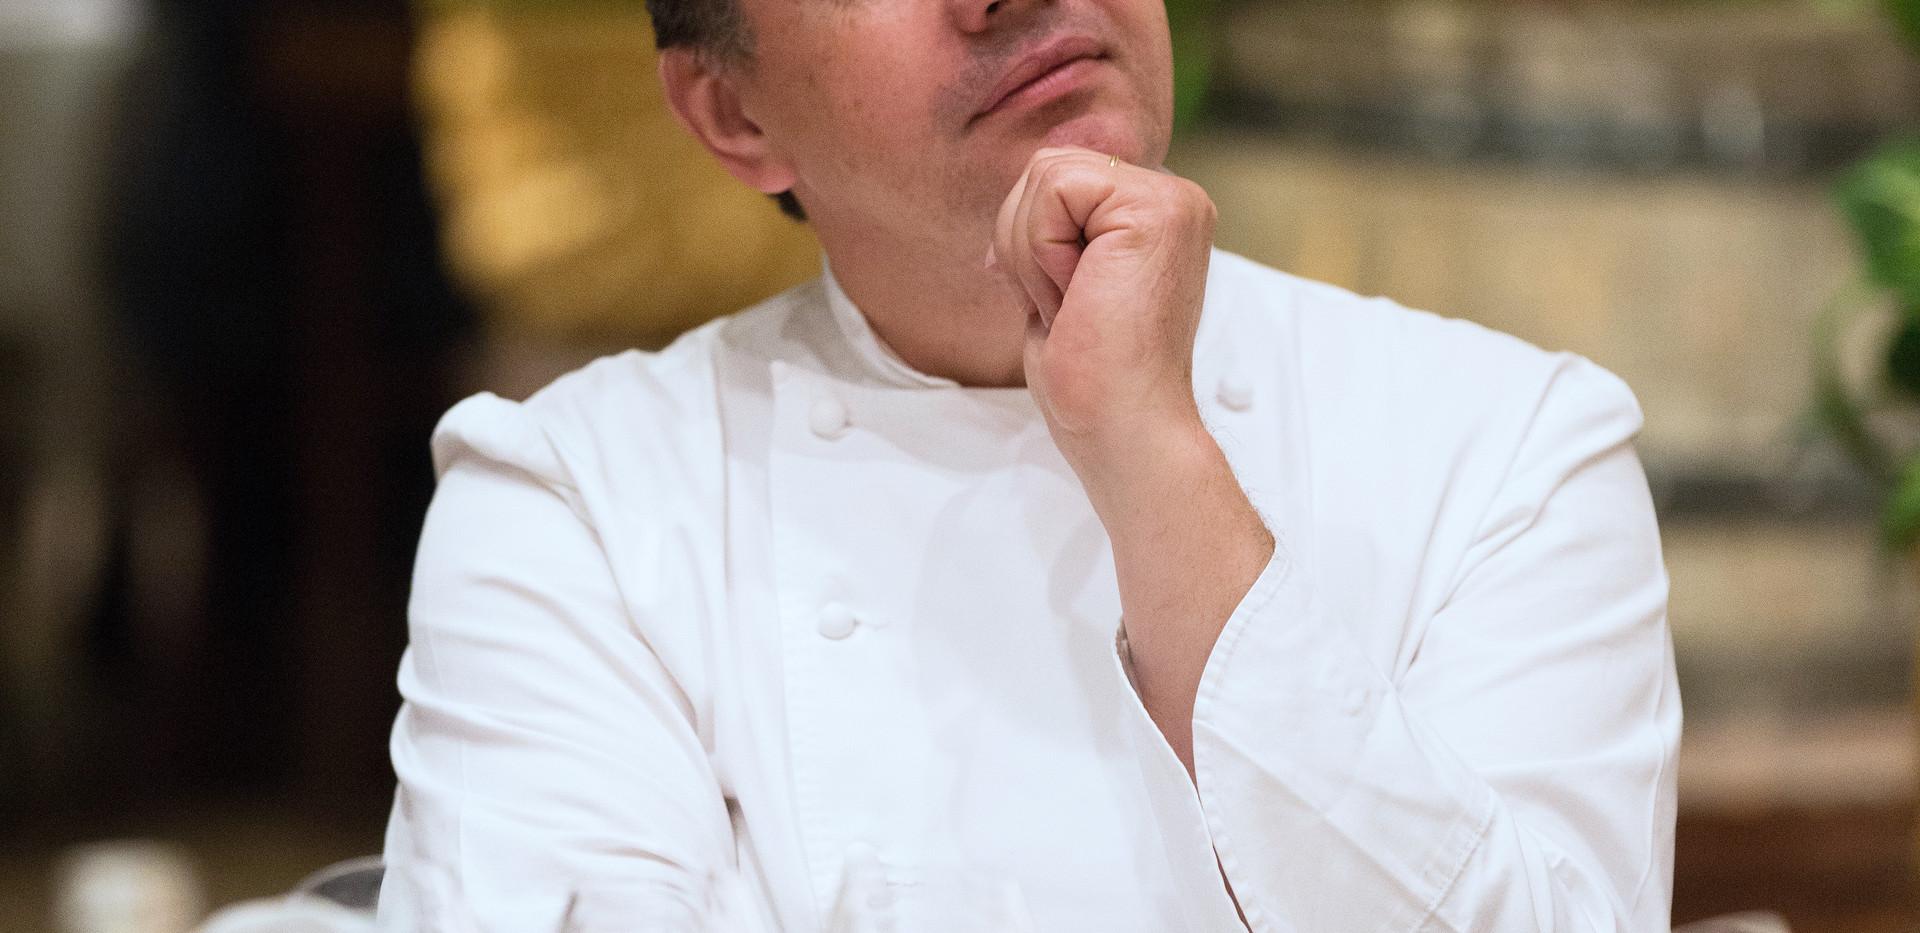 Chef Vardon